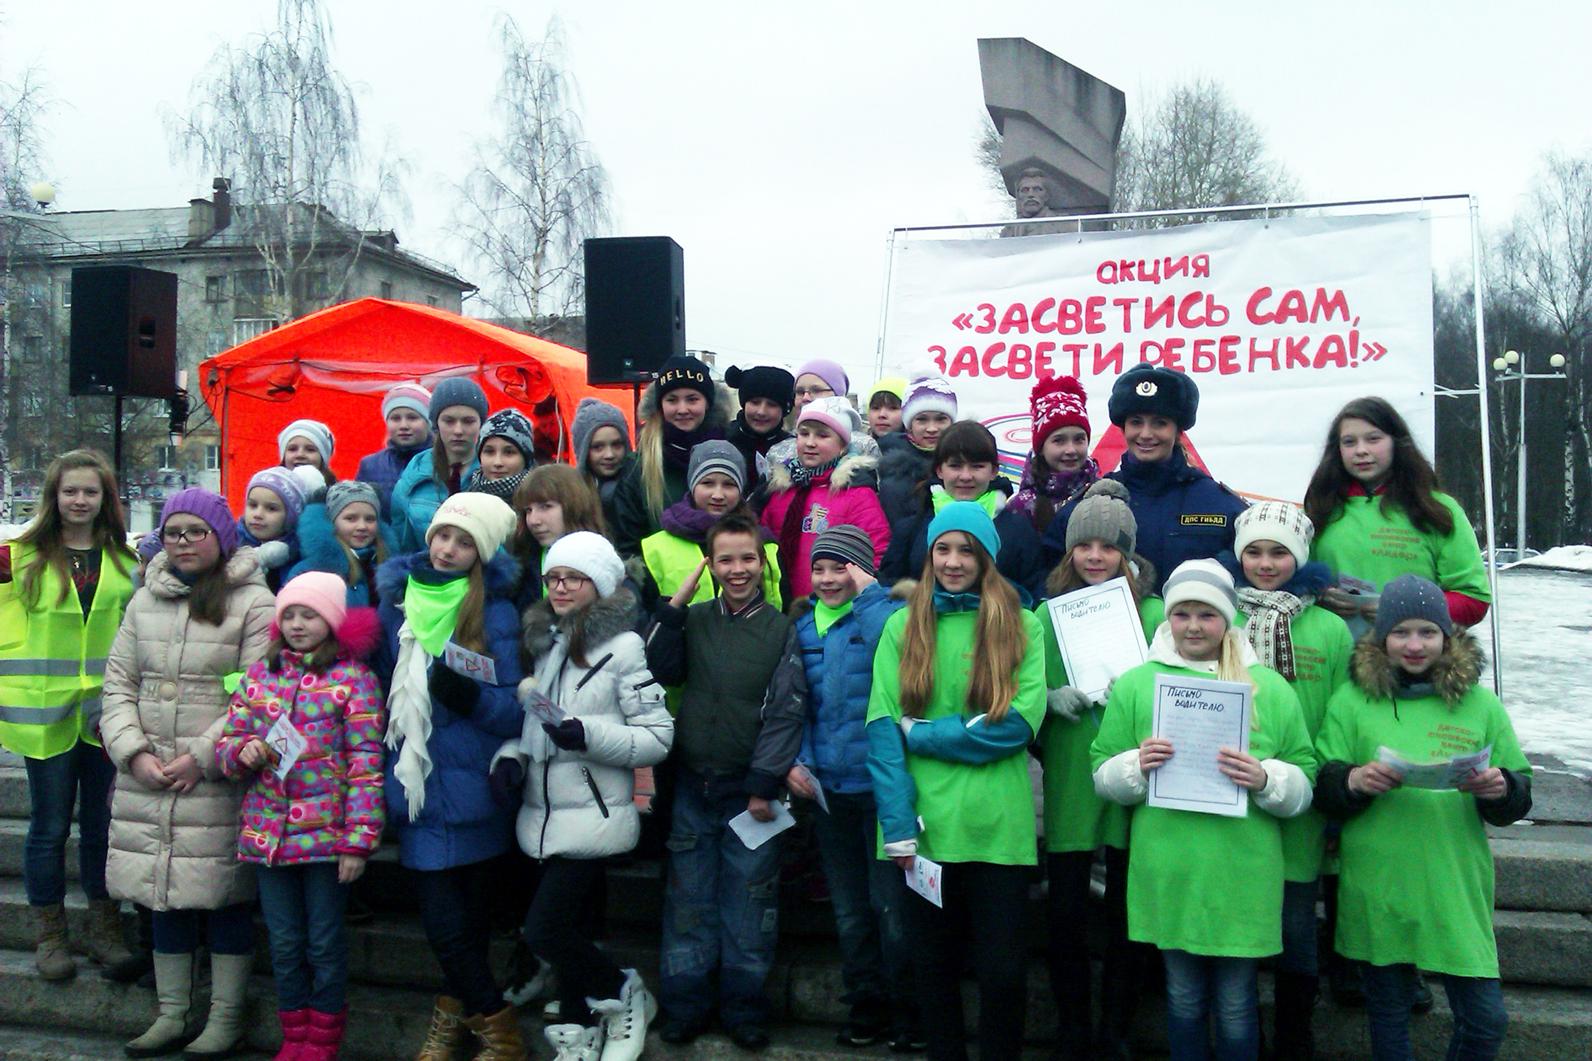 Инспекторы ГИБДД раздали фликеры школьникам в Вологде